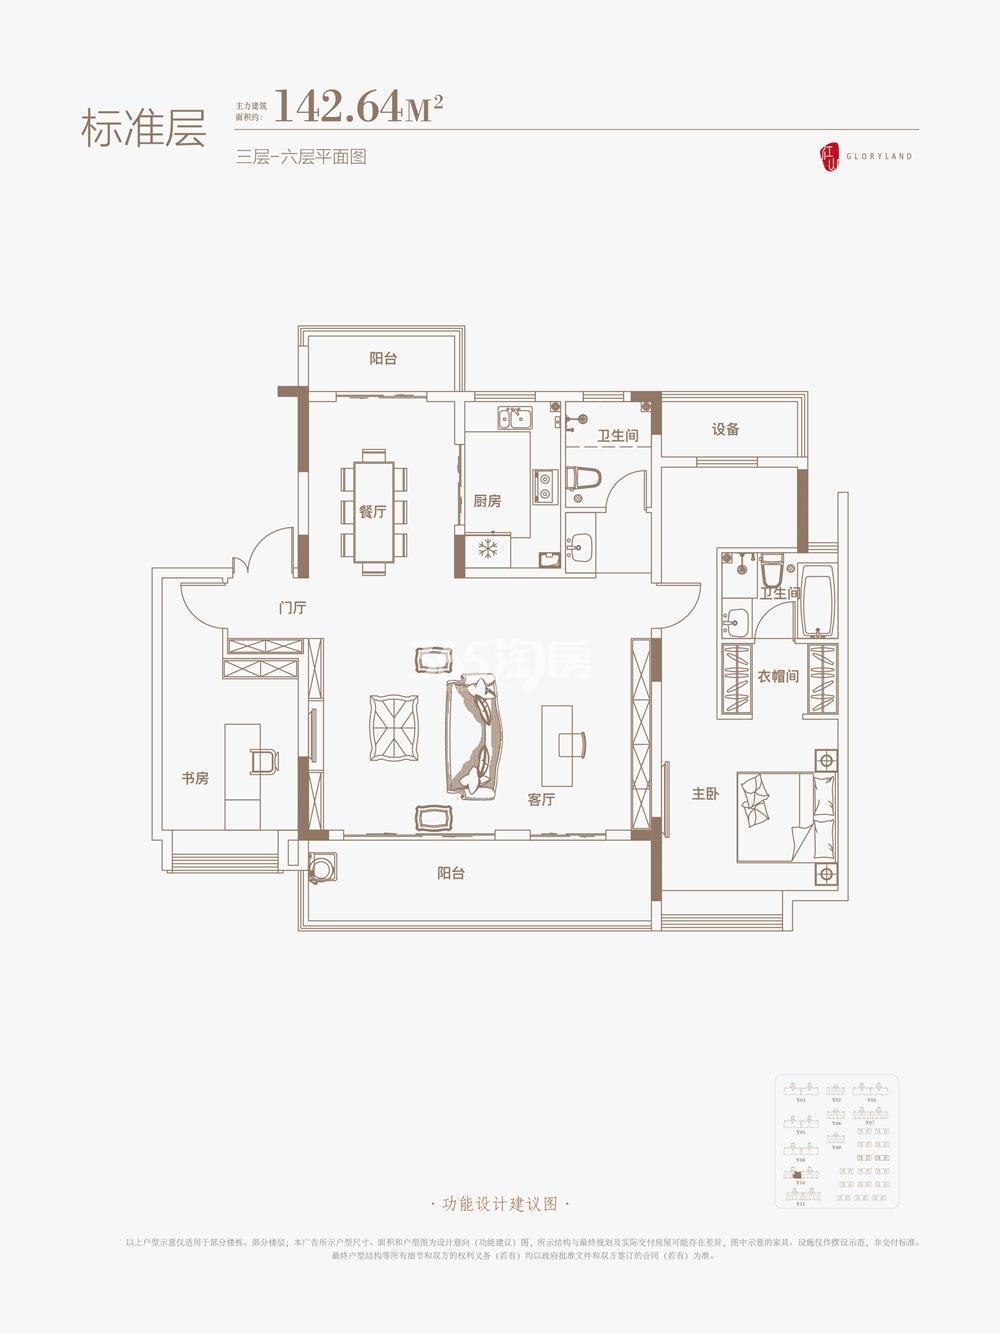 御璟江山Y10洋房142.64㎡三层-六层户型图